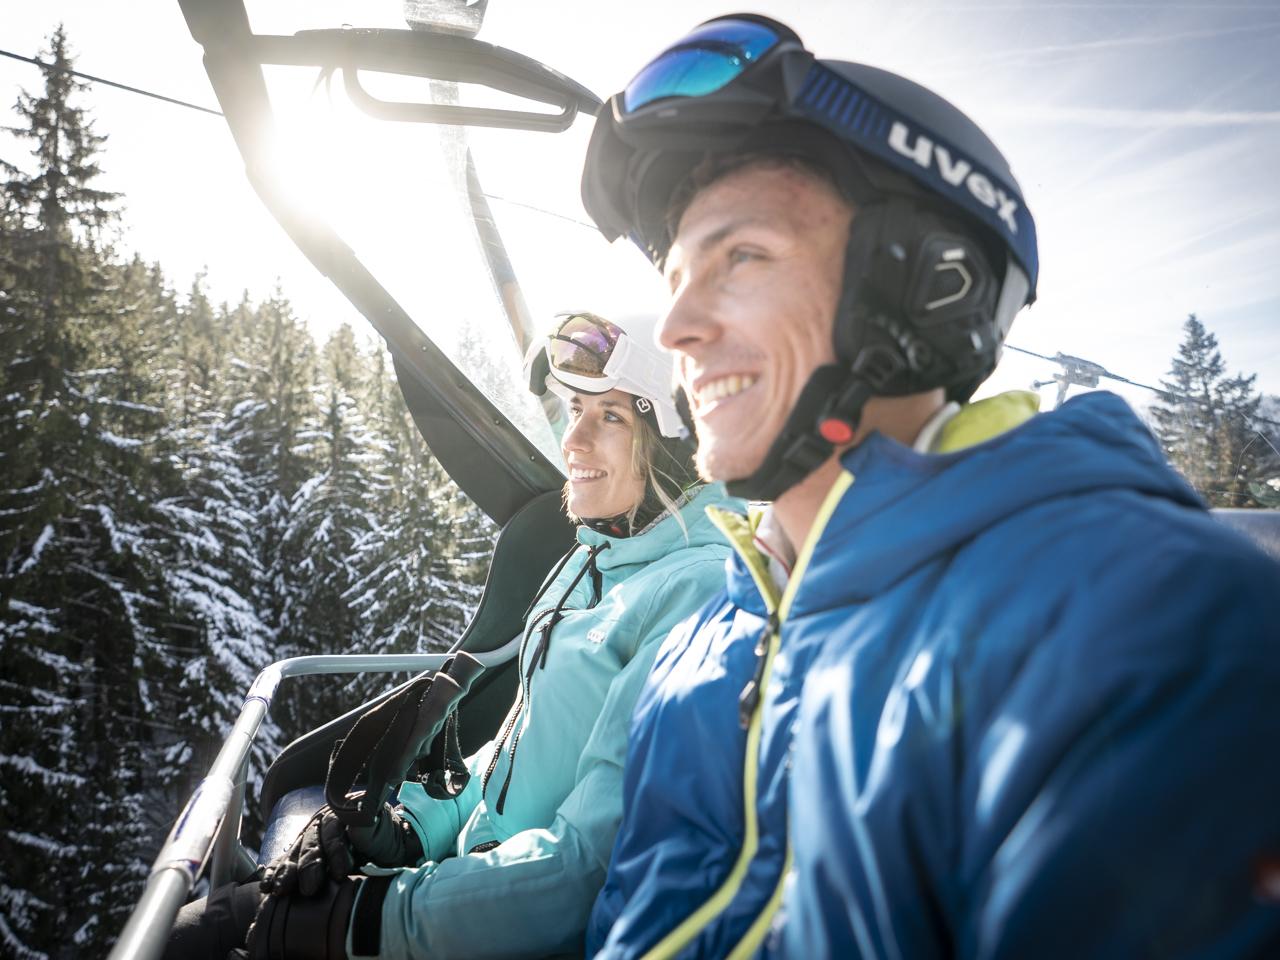 Schnee, Ski & Rodel für ALPEN PLUS Fotografie Dietmar Denger